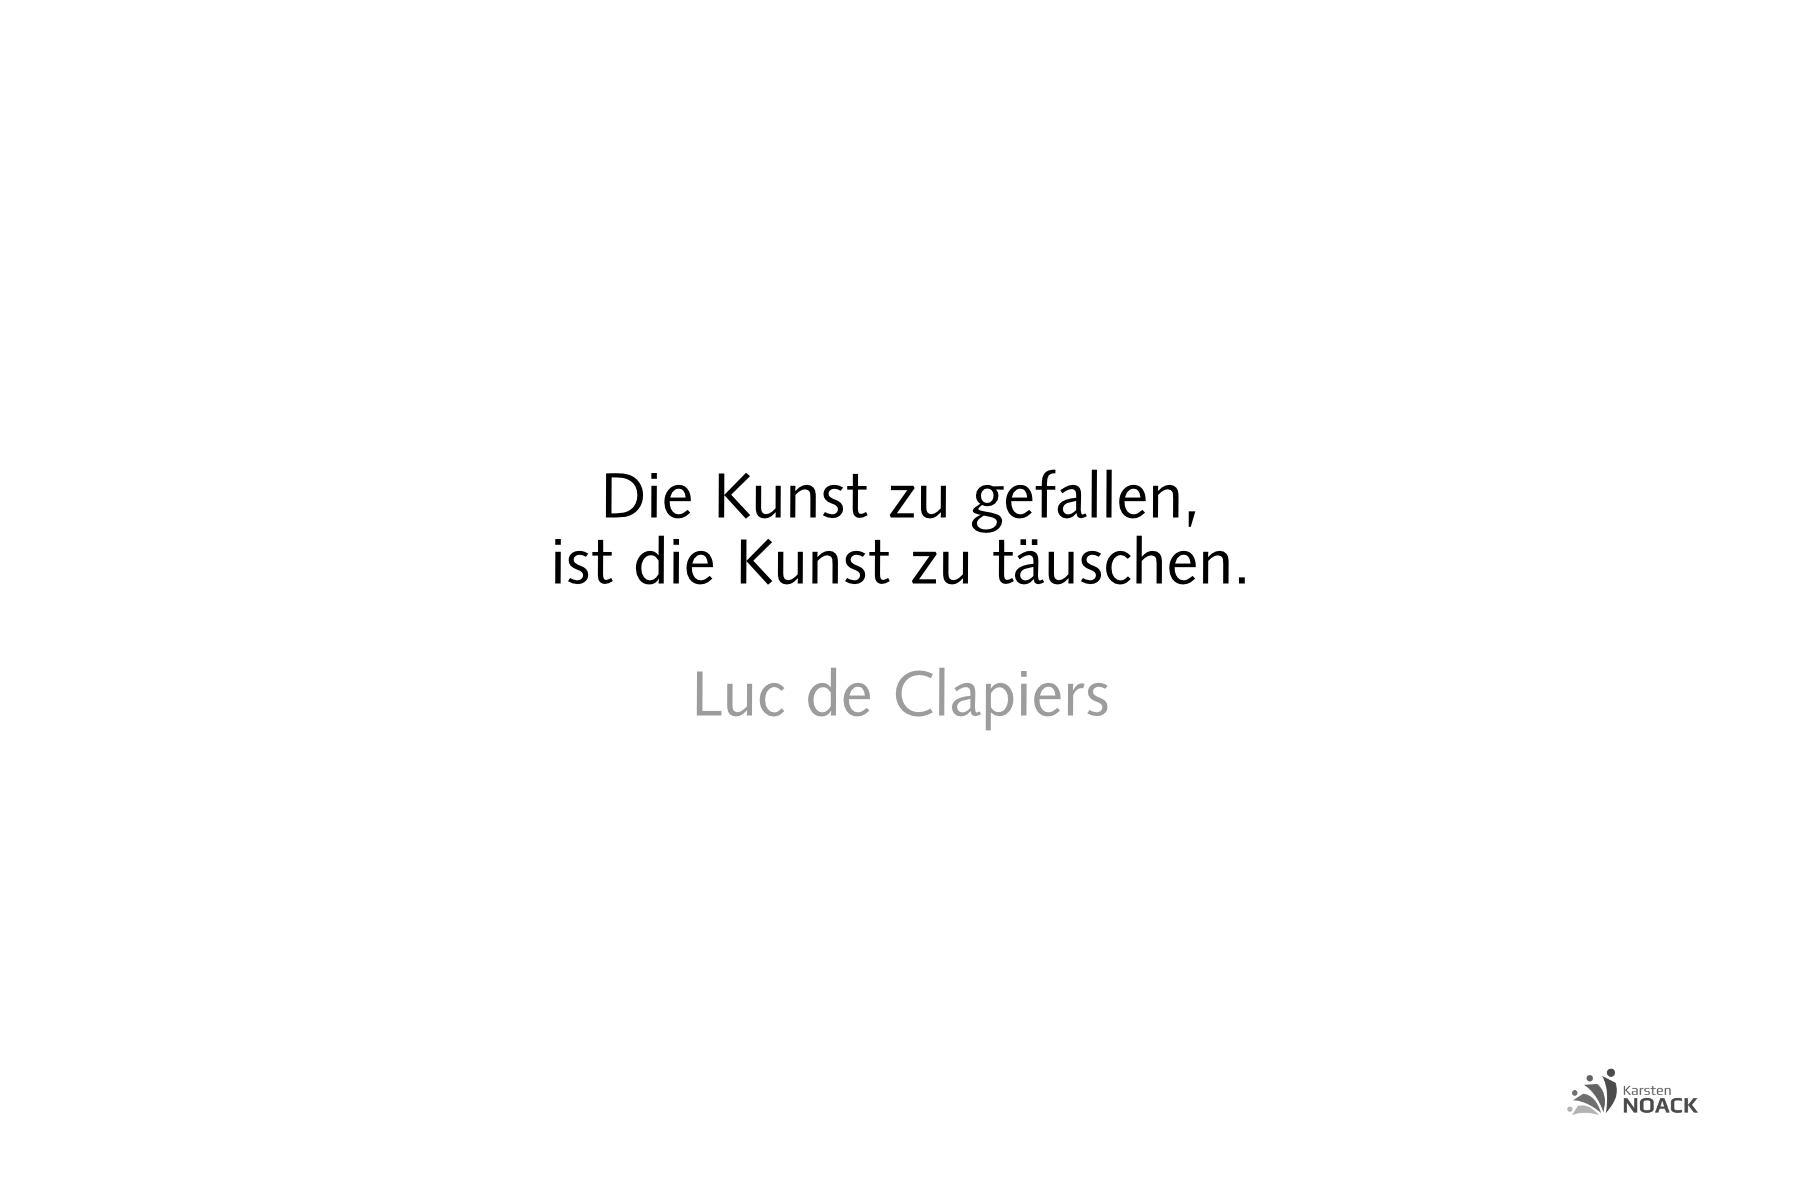 Die Kunst zu gefallen, ist die Kunst zu täuschen. Luc de Clapiers